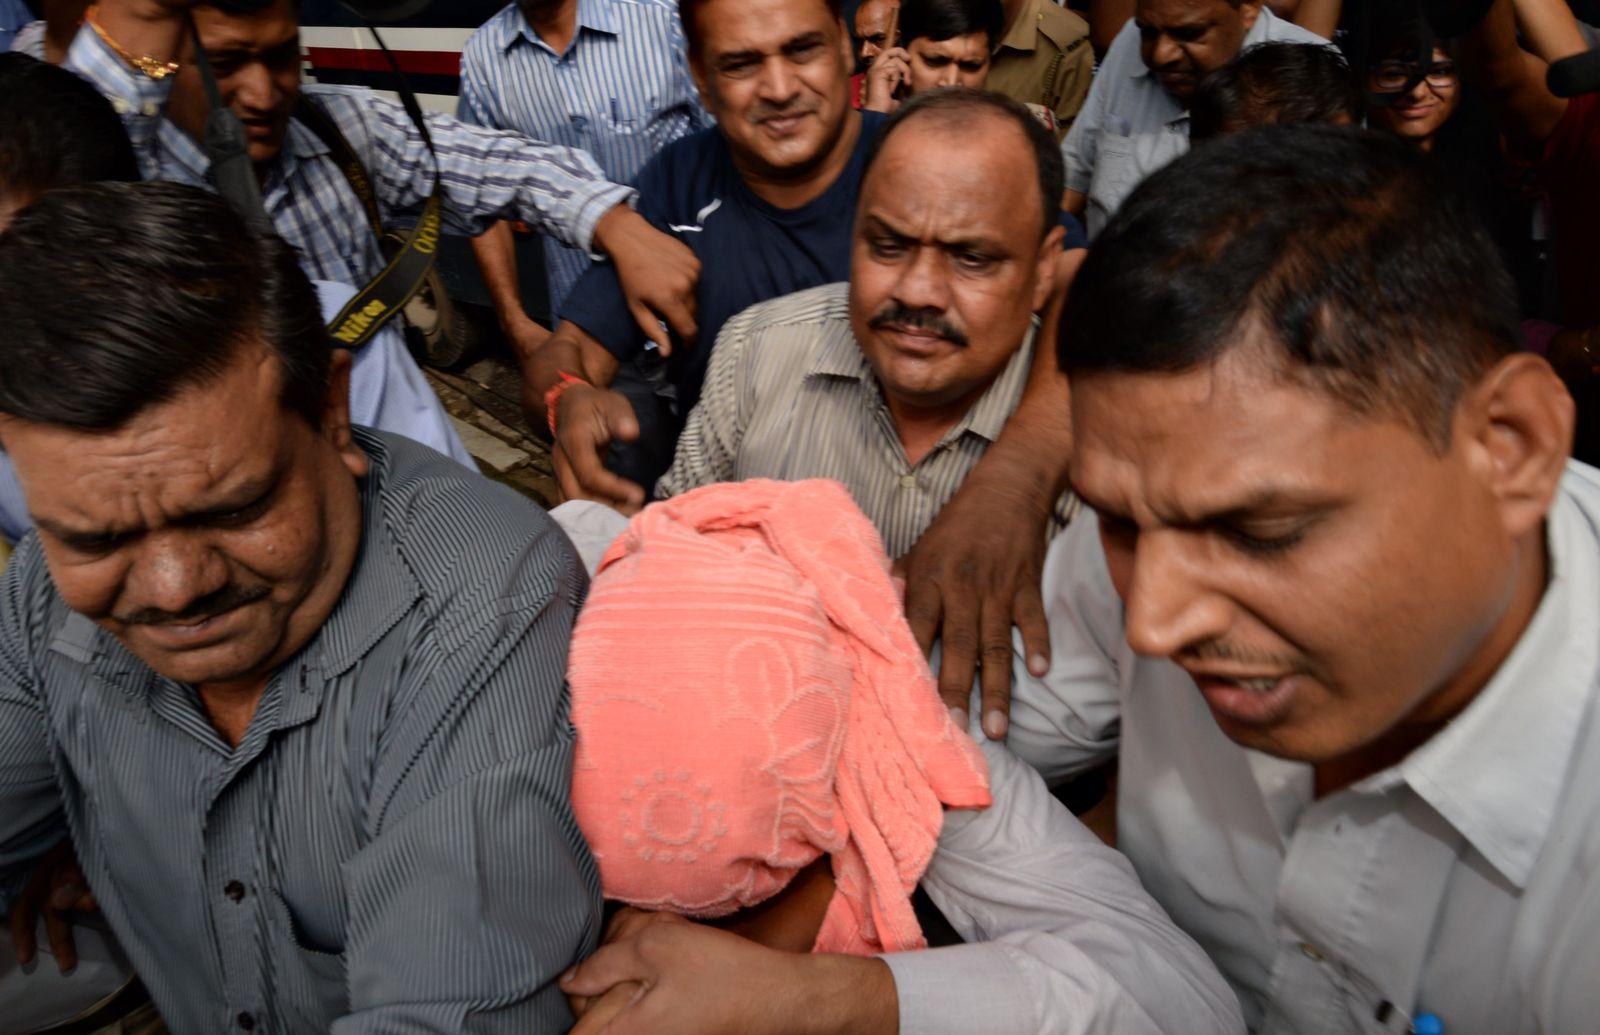 Indien / Vergewaltigung / Täter